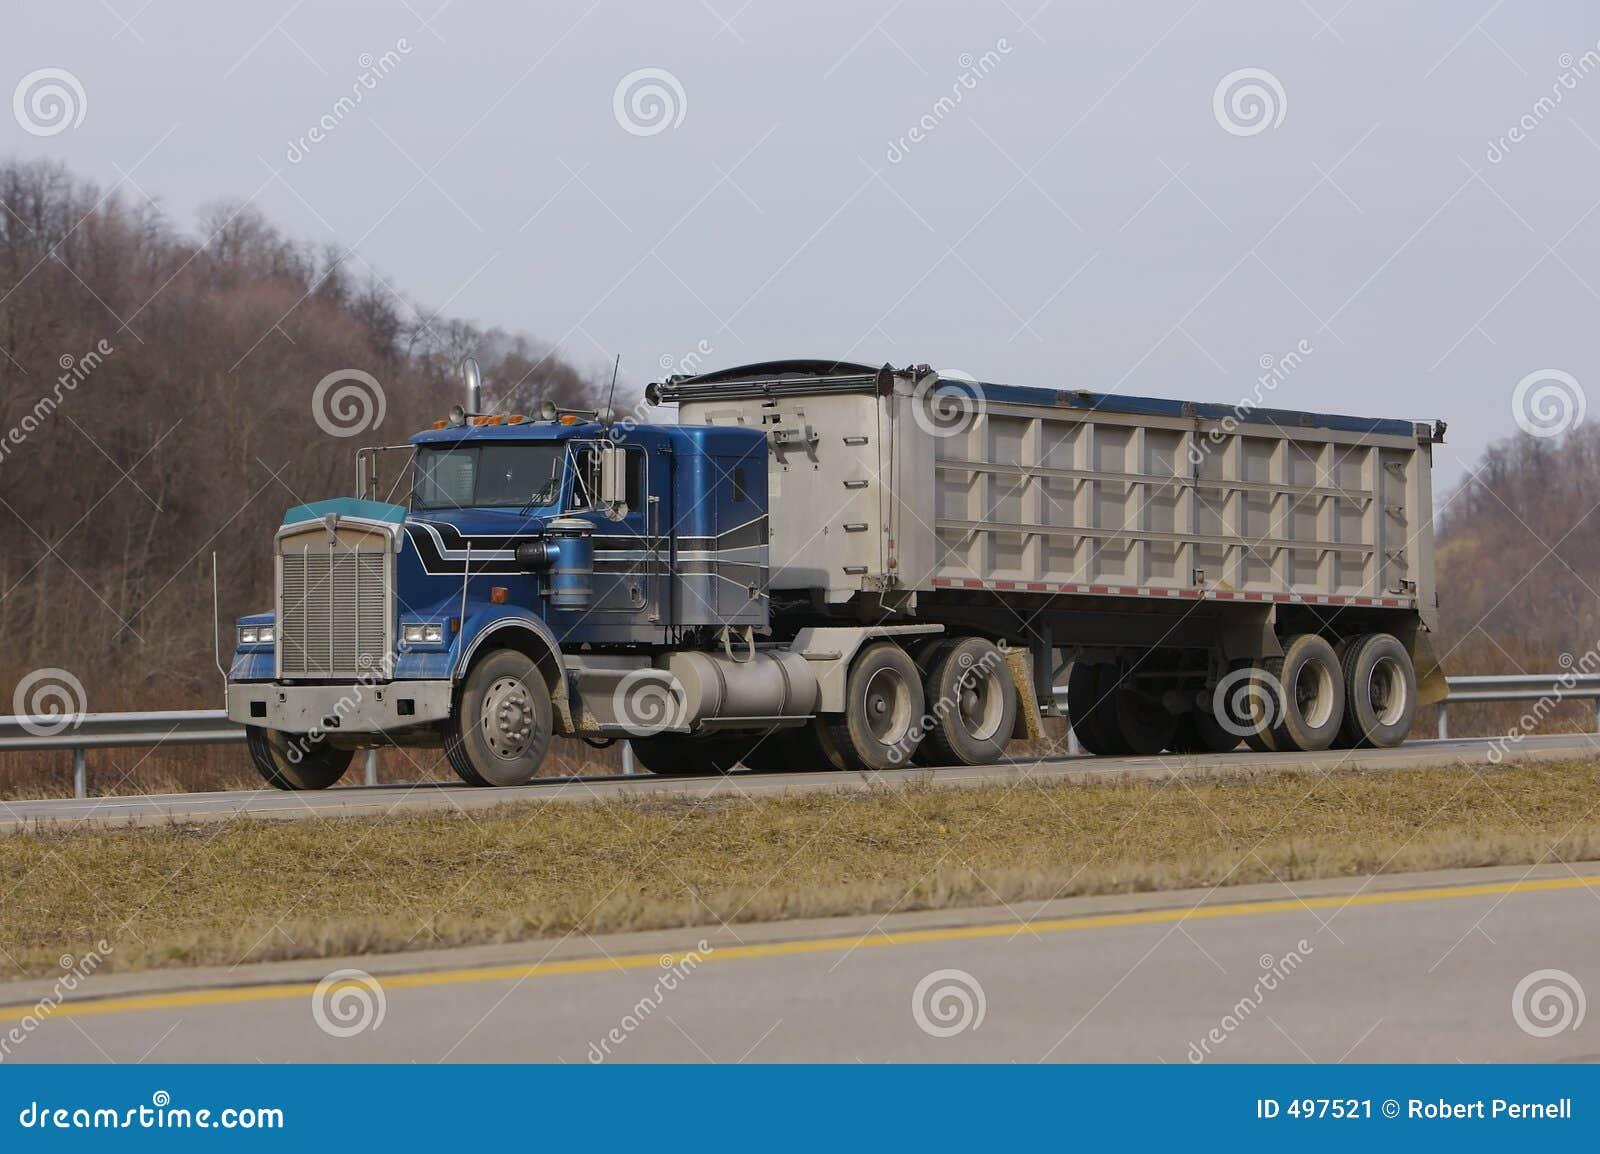 Tractor Trailer Dump Truck Stock Image Image Of Dumptruck